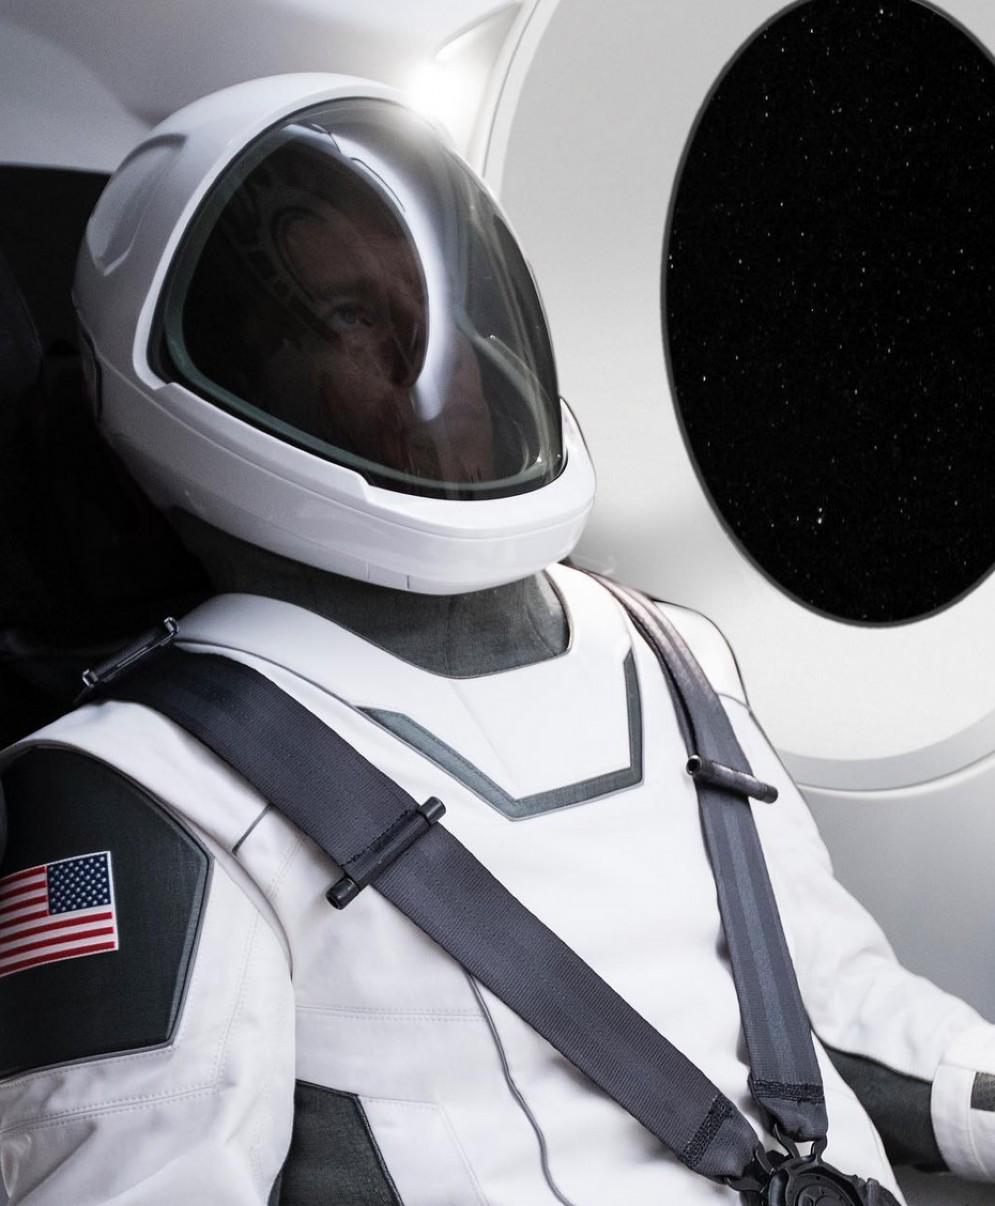 Elon Musk svela la tuta spaziale ma riuscirà ad andare su Marte?